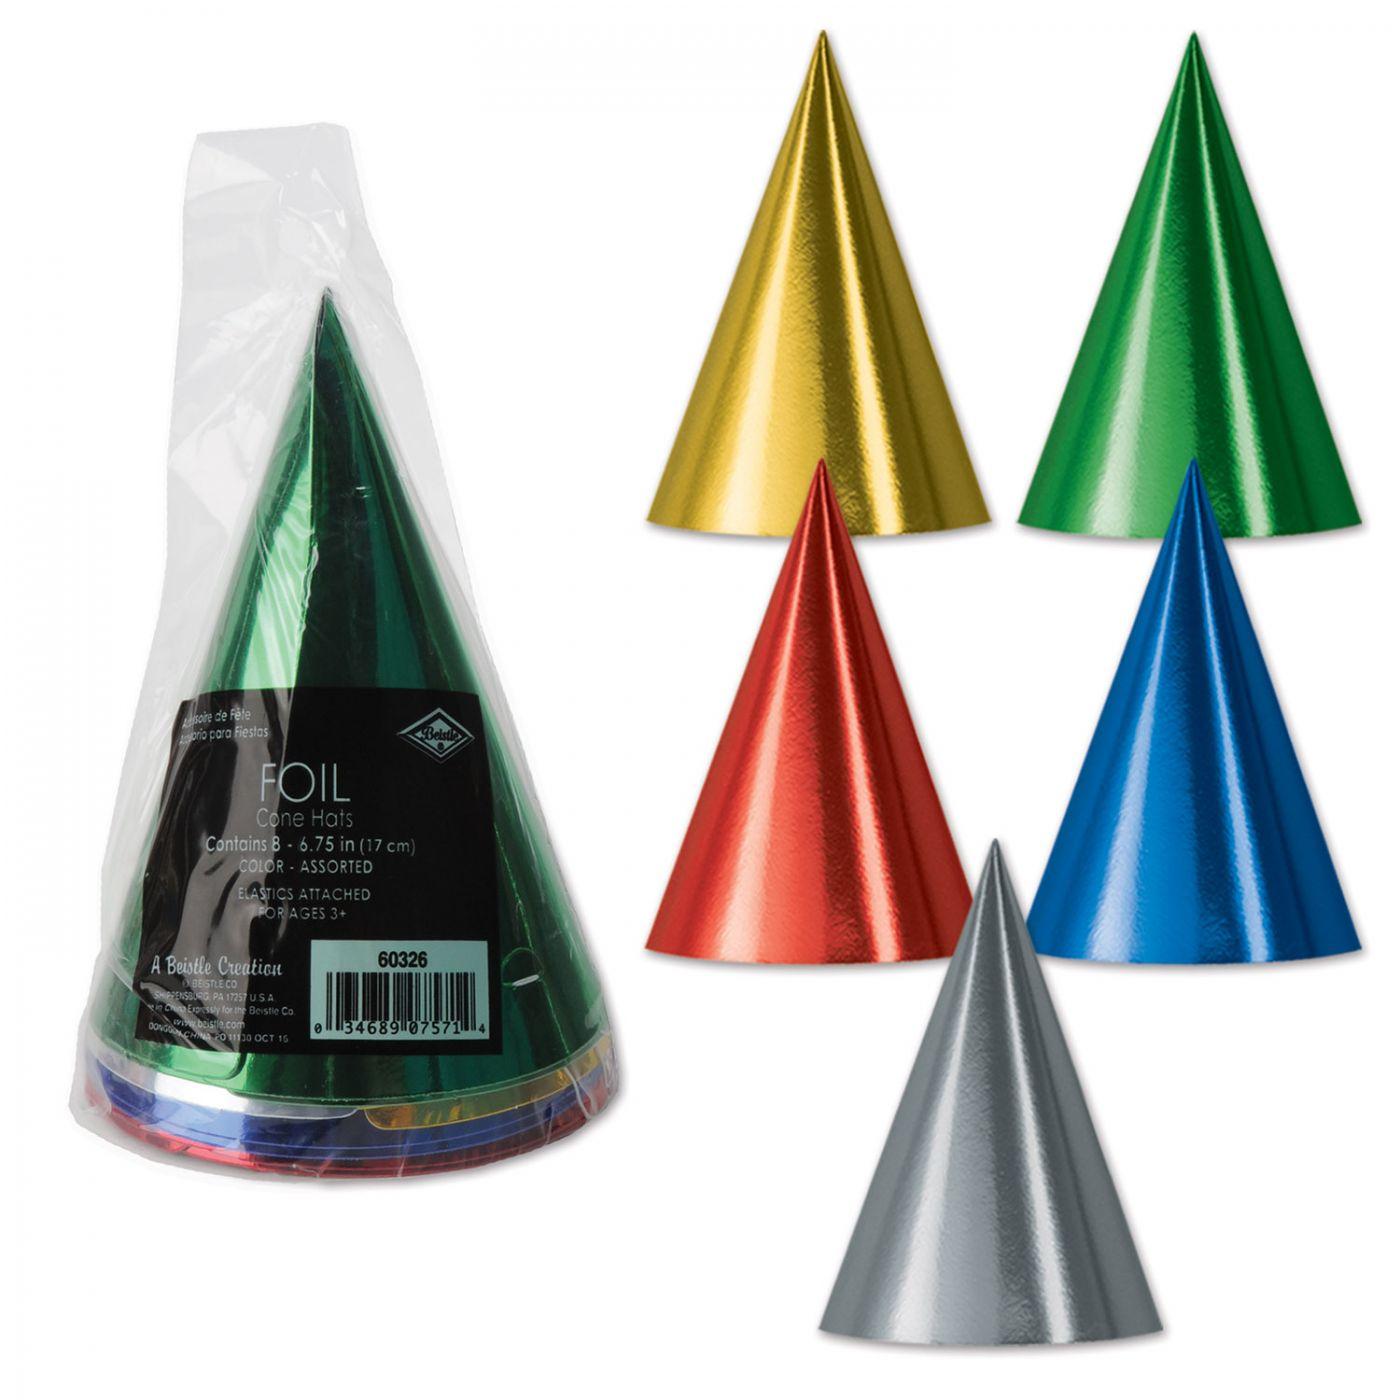 Pkgd Foil Cone Hats image